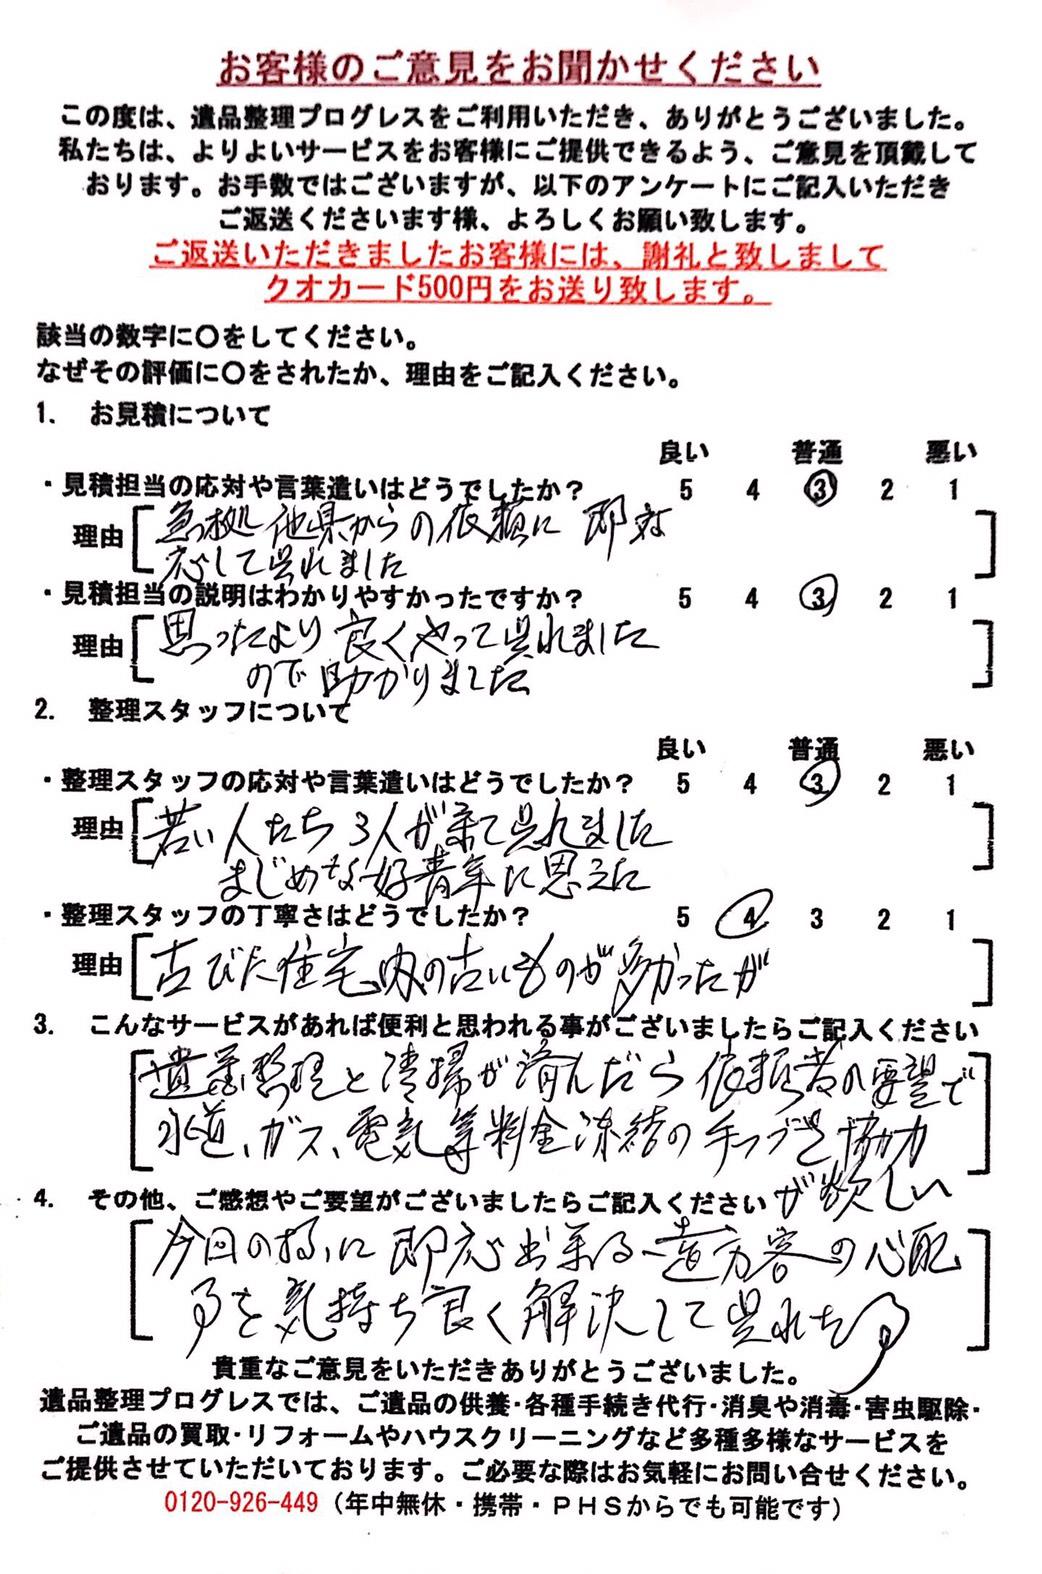 A・K様 静岡県焼津市のアンケート用紙